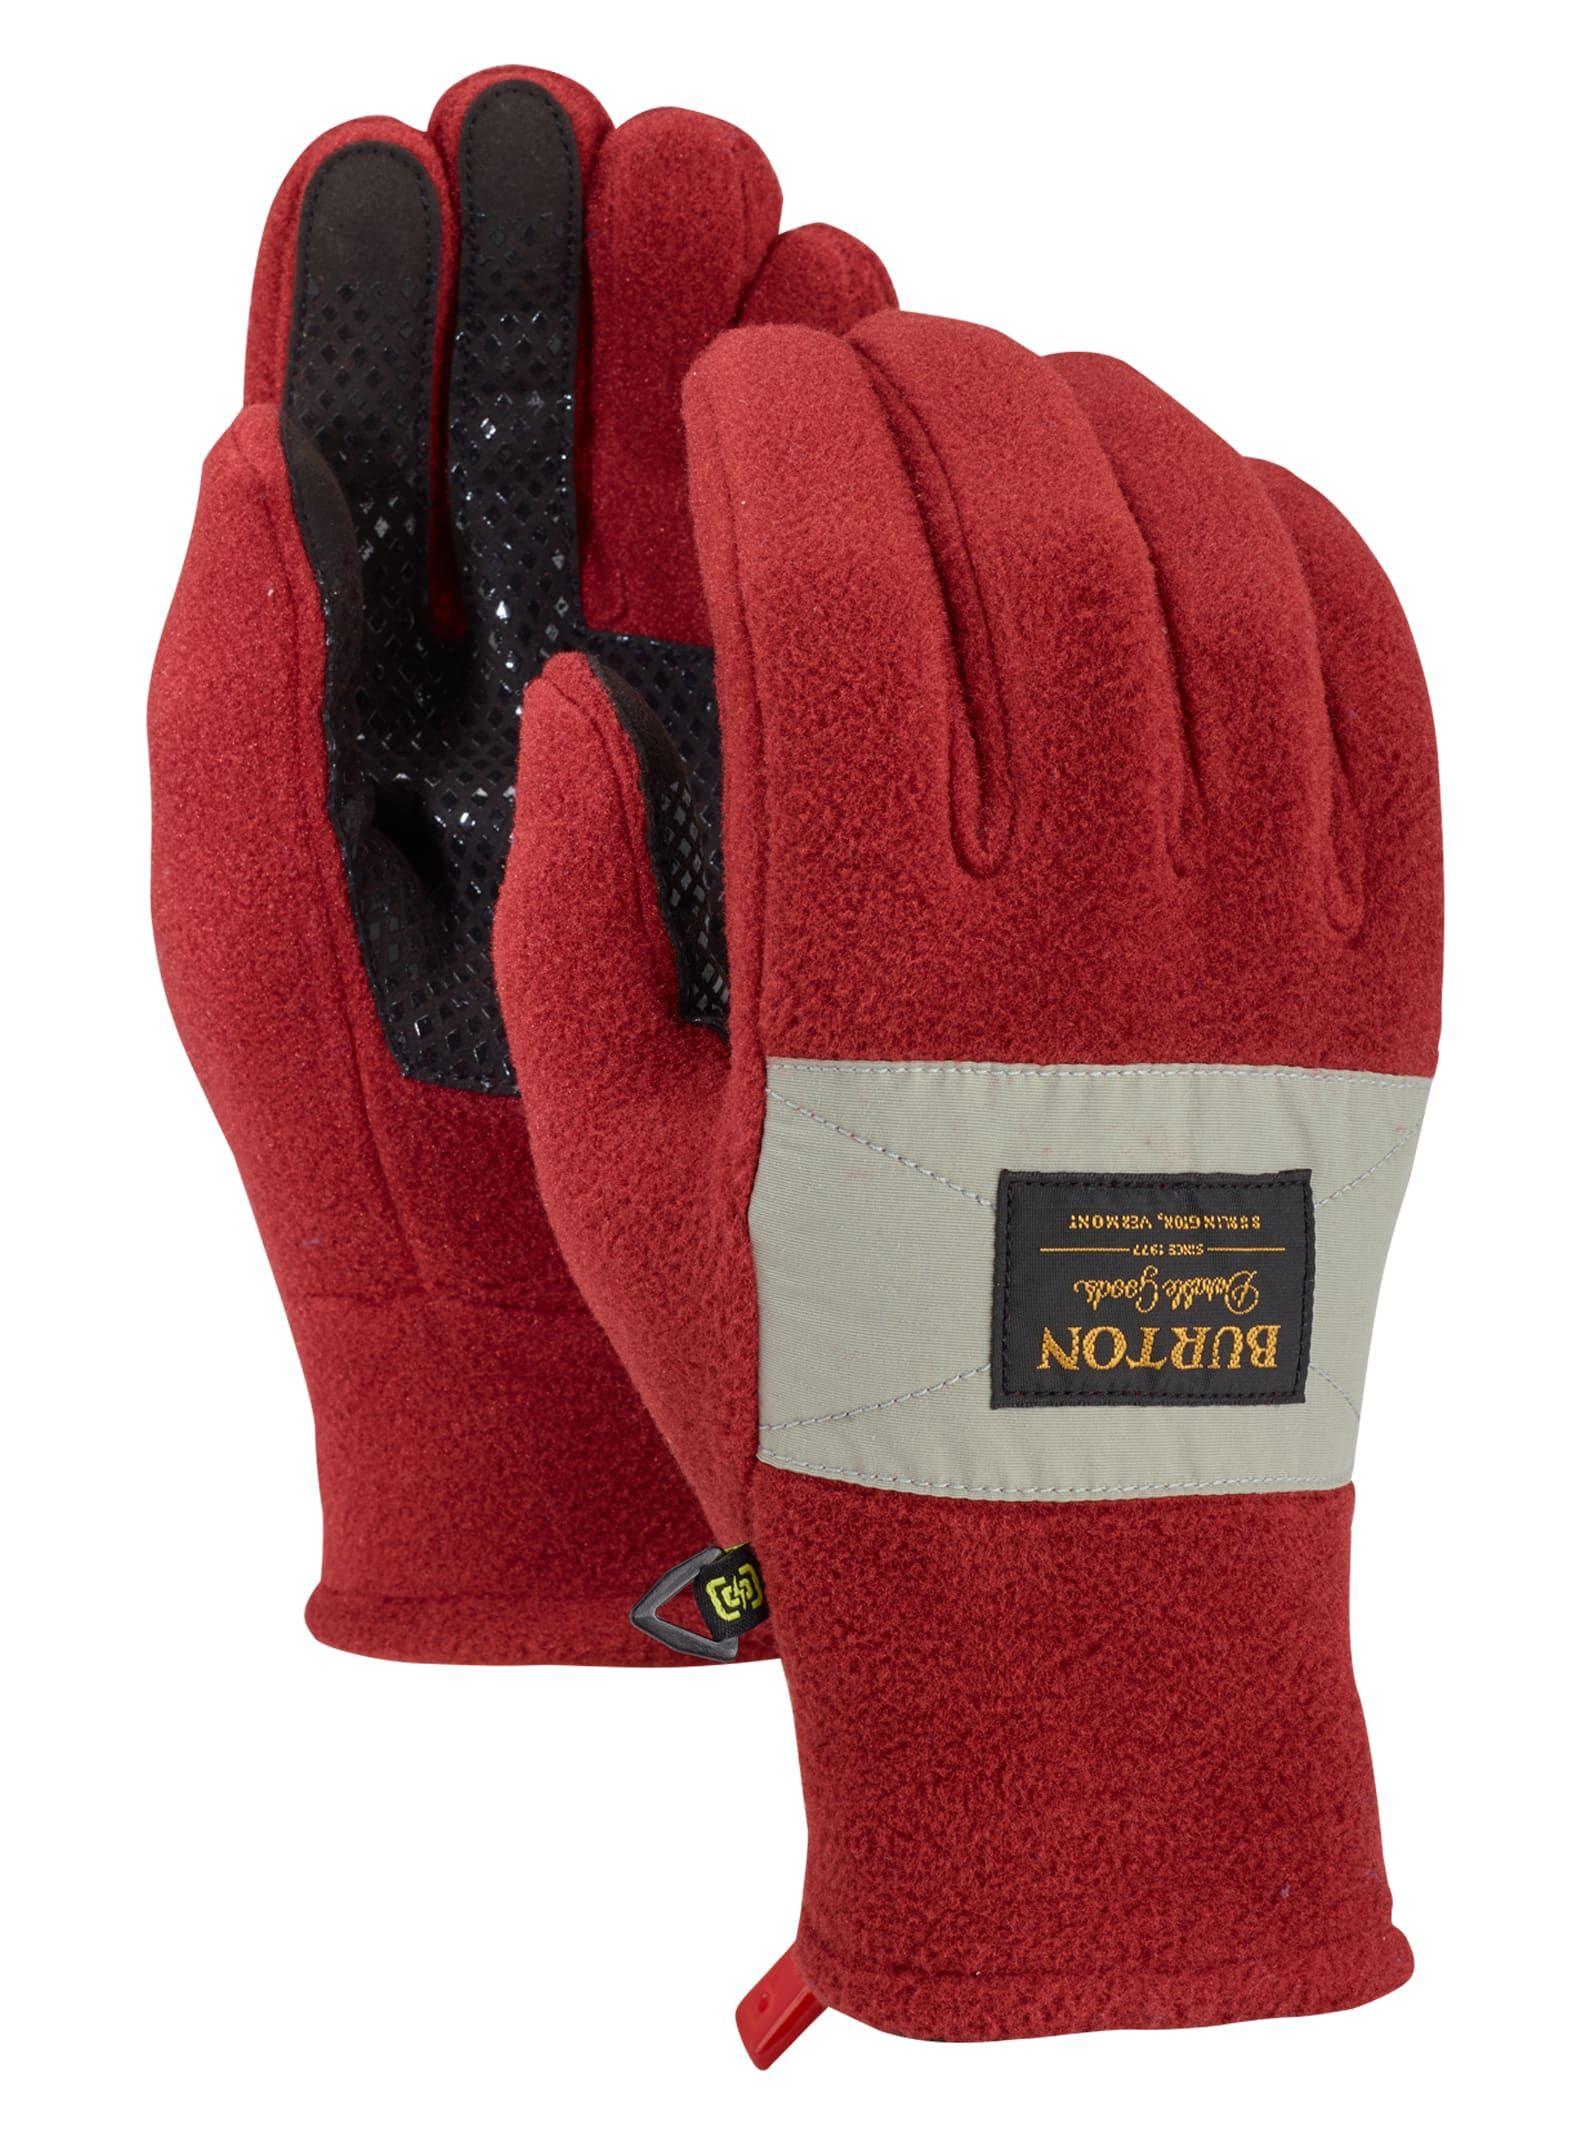 Pigskin Knitted Wool Glove Winter Thicken Fleece Warm Men Big Size Leather Glove